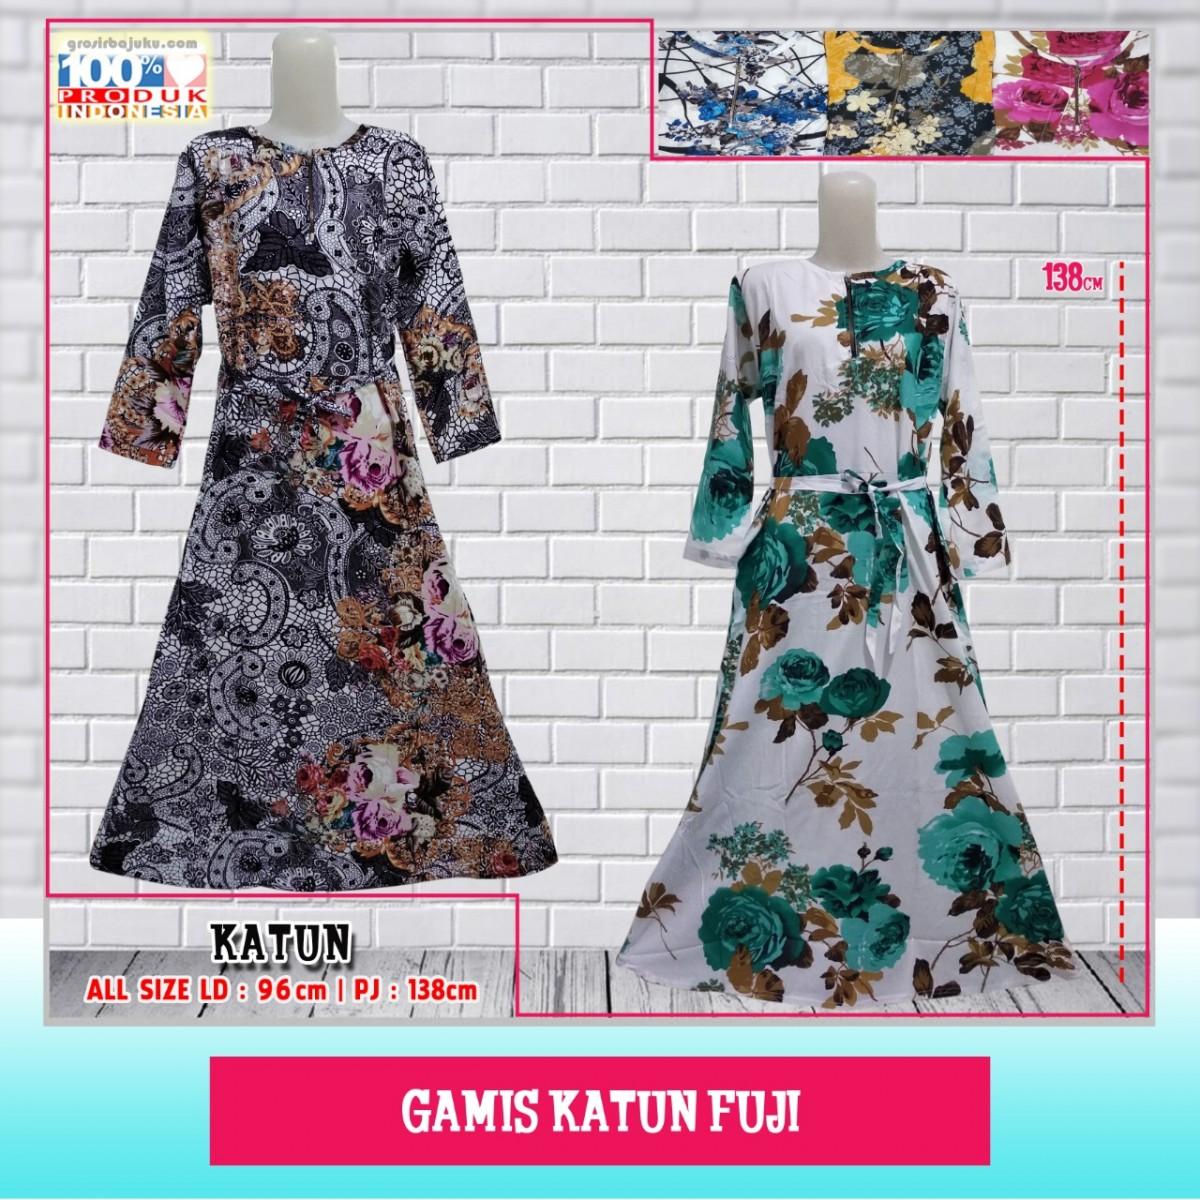 Pusat Grosir Baju Murah Solo Klewer 2019 Supplier Gamis Katun Fuji Murah